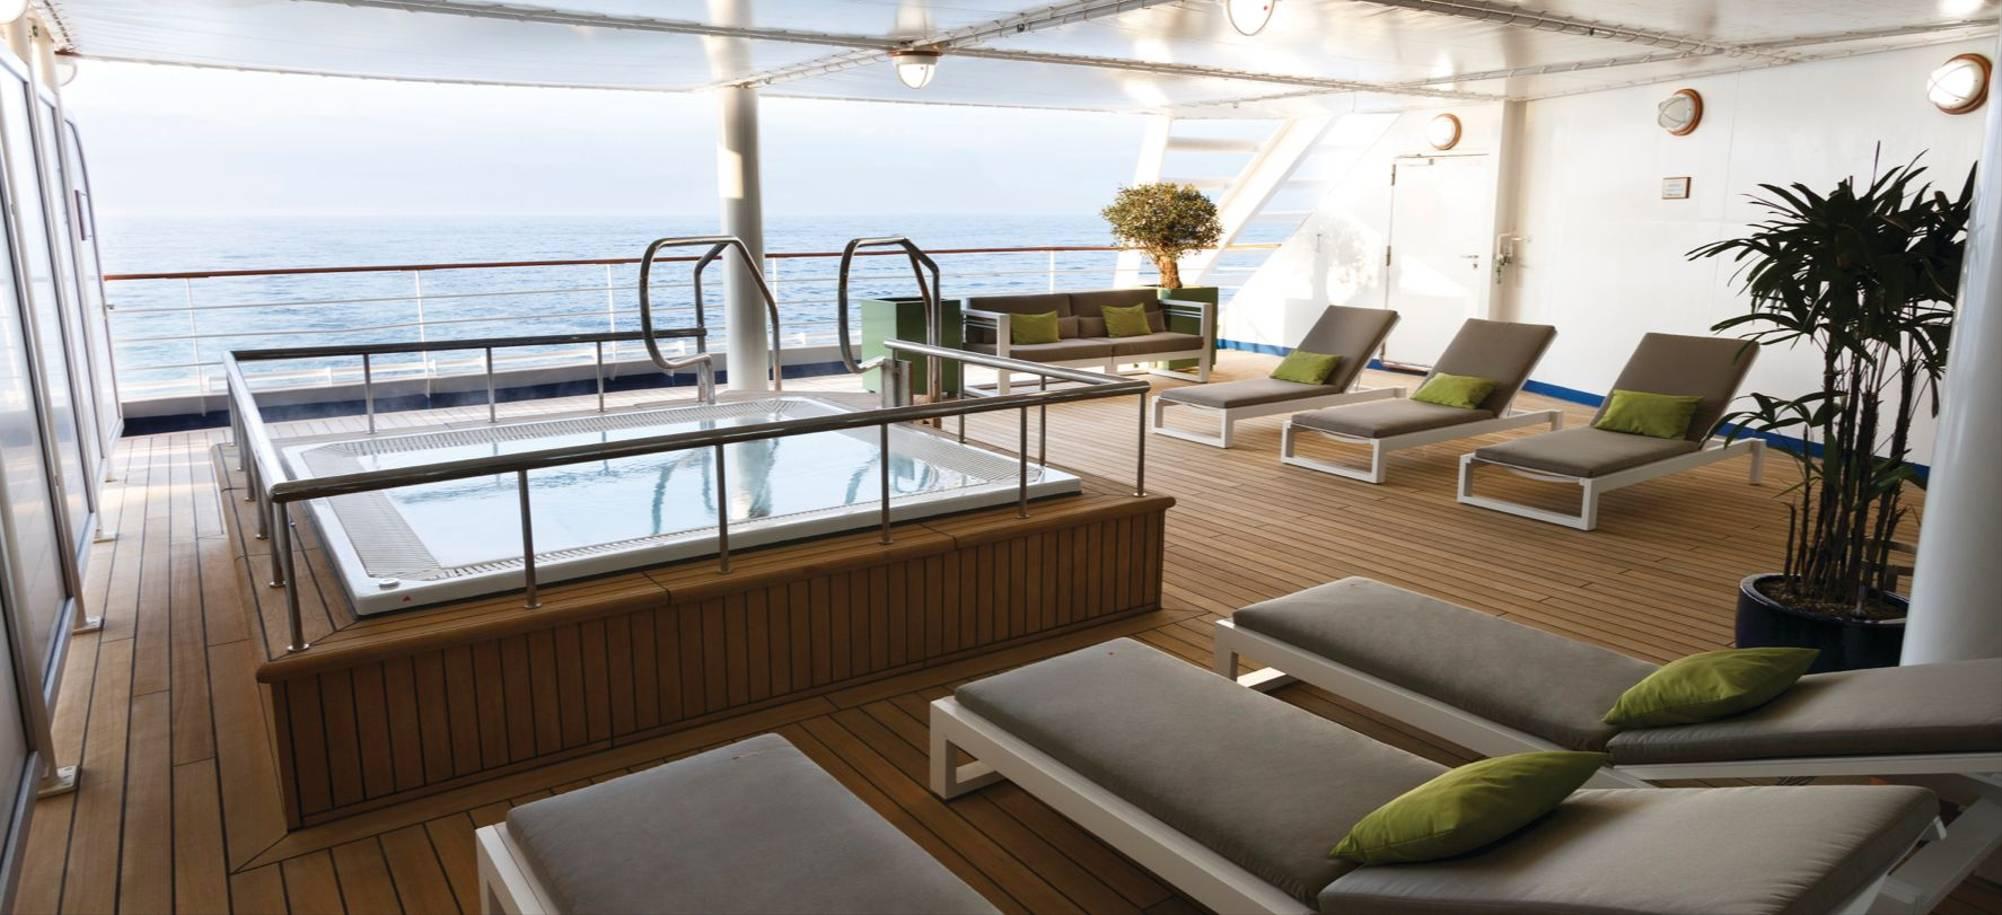 At Sea   Zagara Spa   Itinerary Desktop